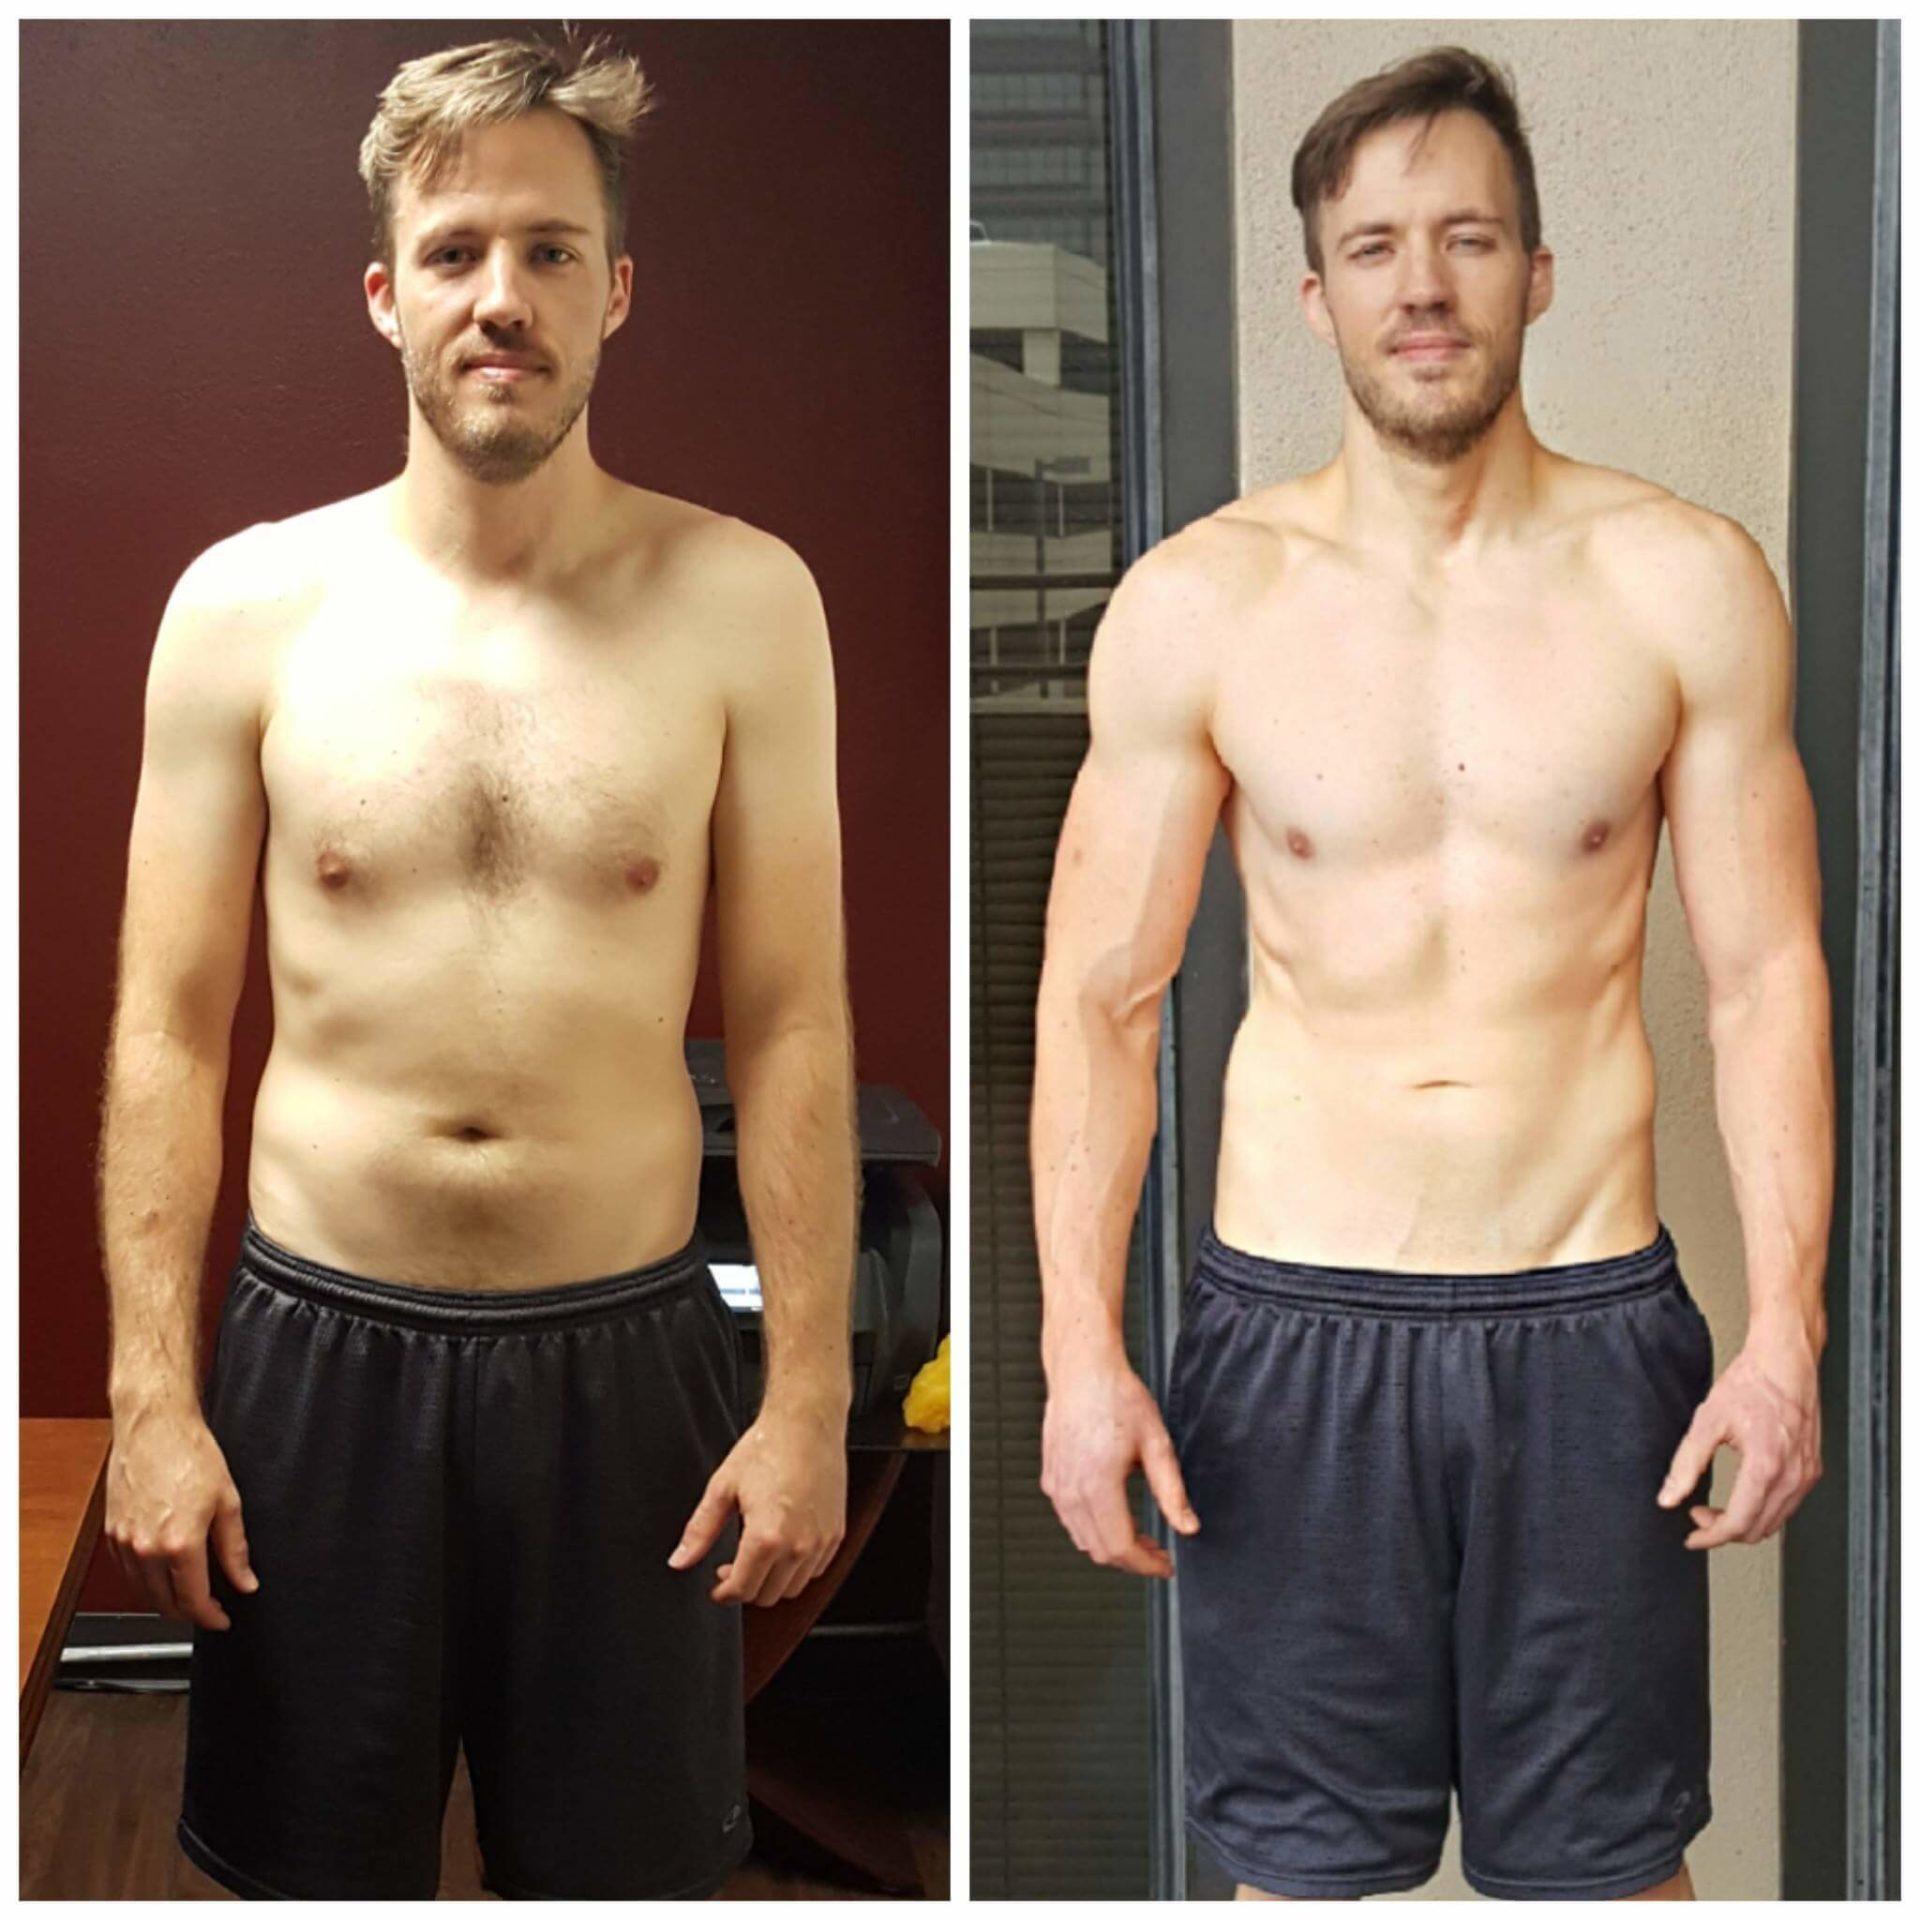 David top muscle building program Dallas